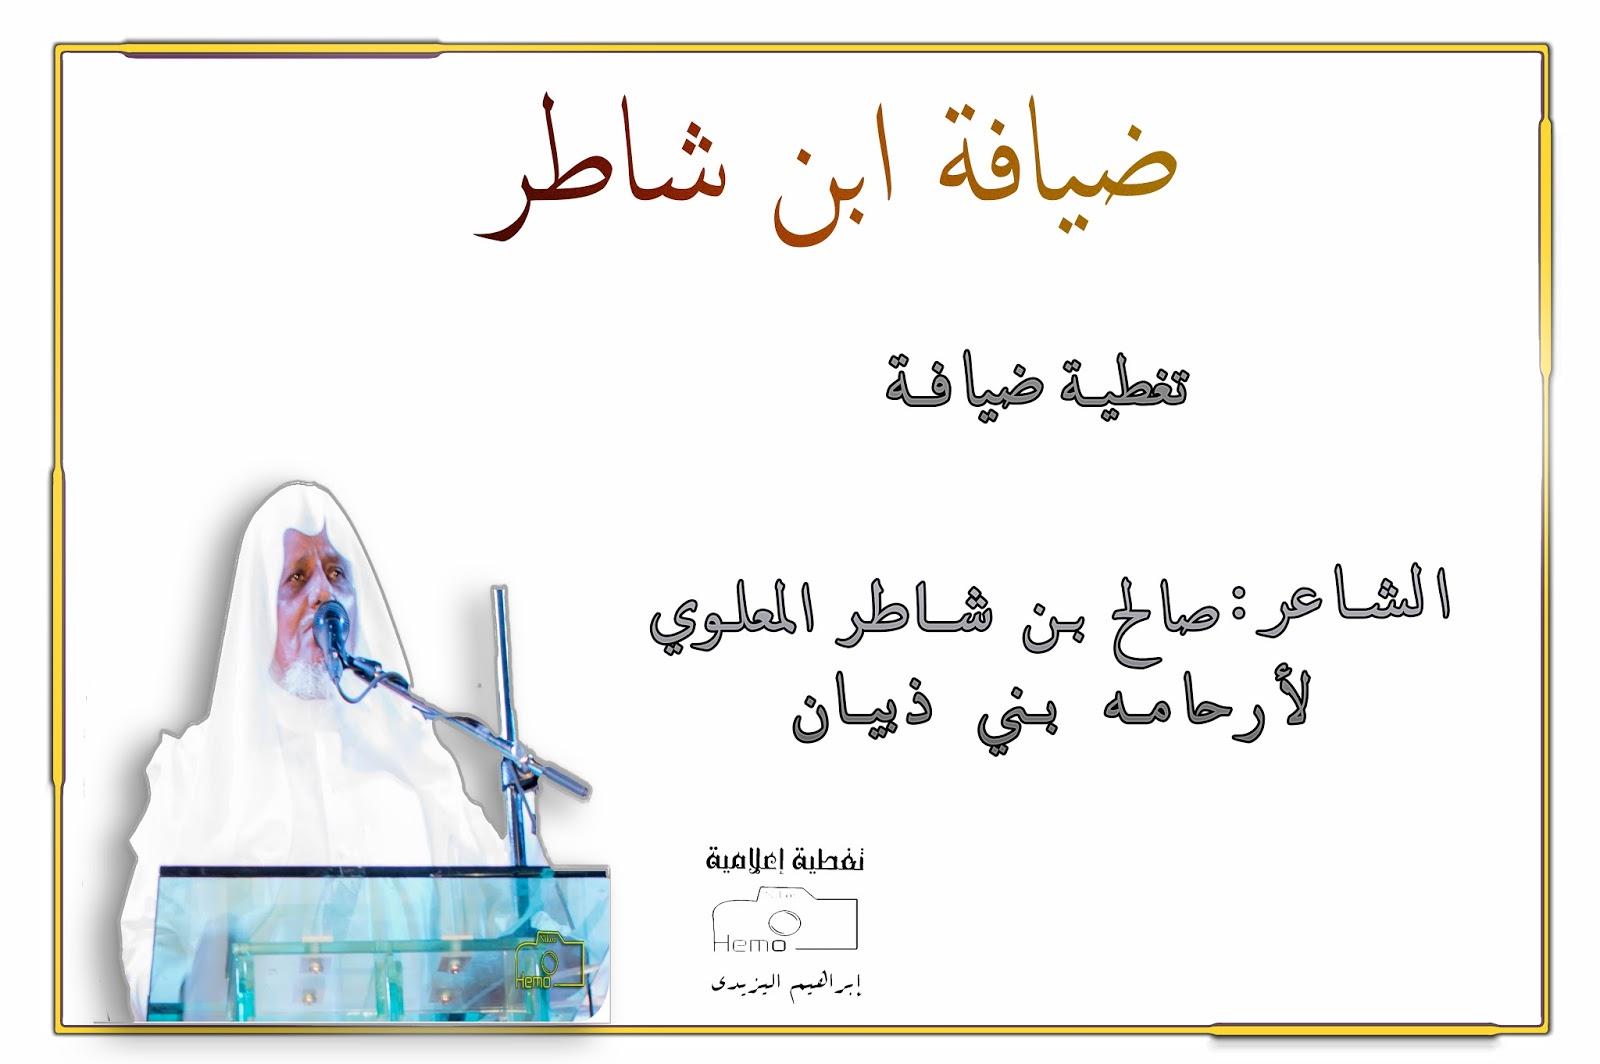 ضيافة الشاعر صالح بن شاطر المعلوي لأرحامه بني ذبيان | HEMO